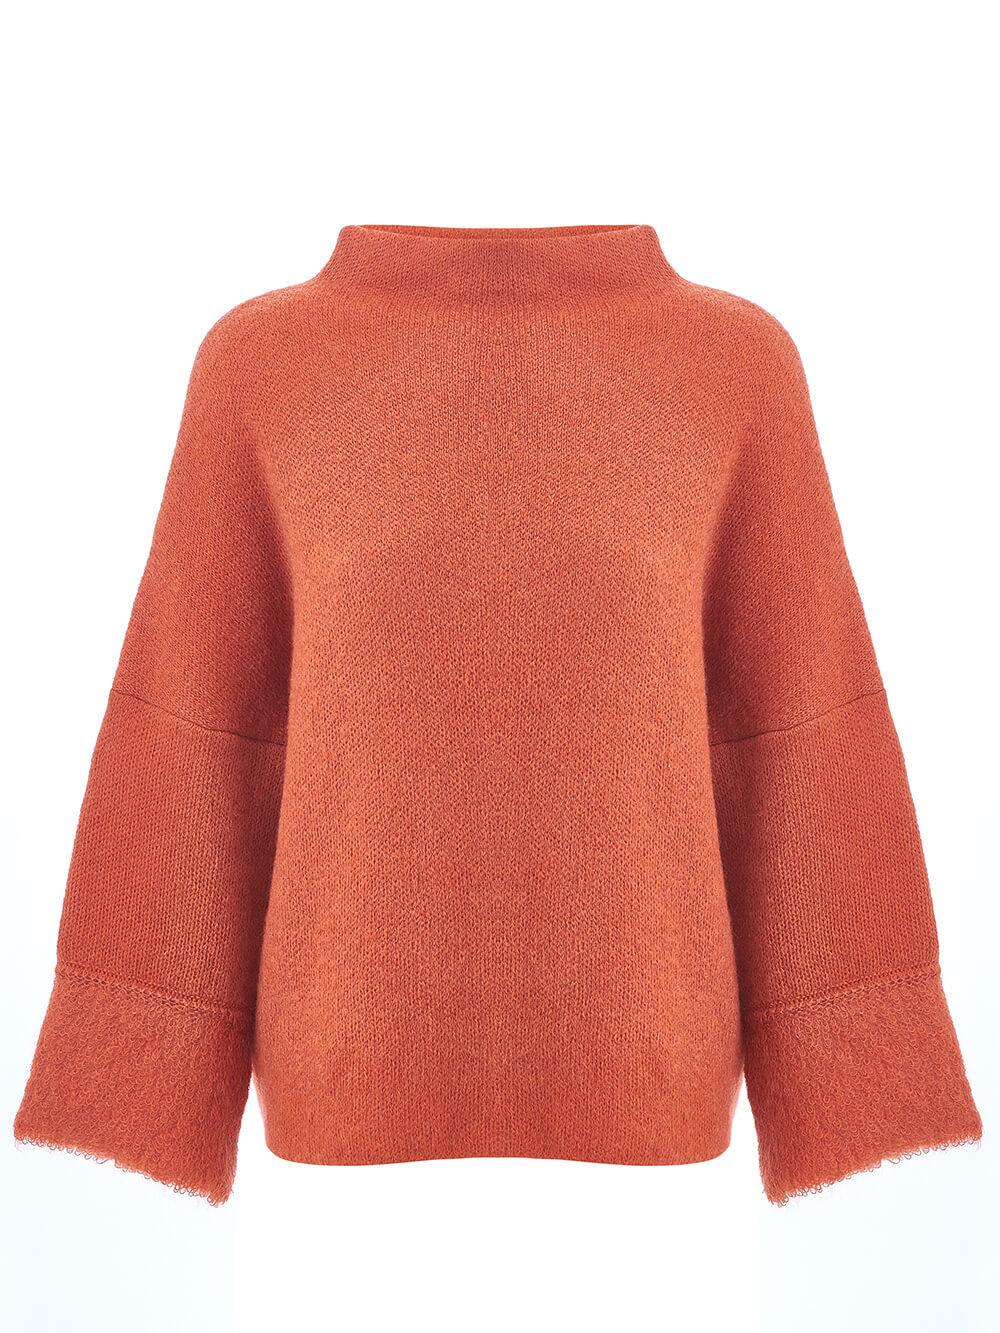 Женский джемпер терракотового цвета из шерсти - фото 1